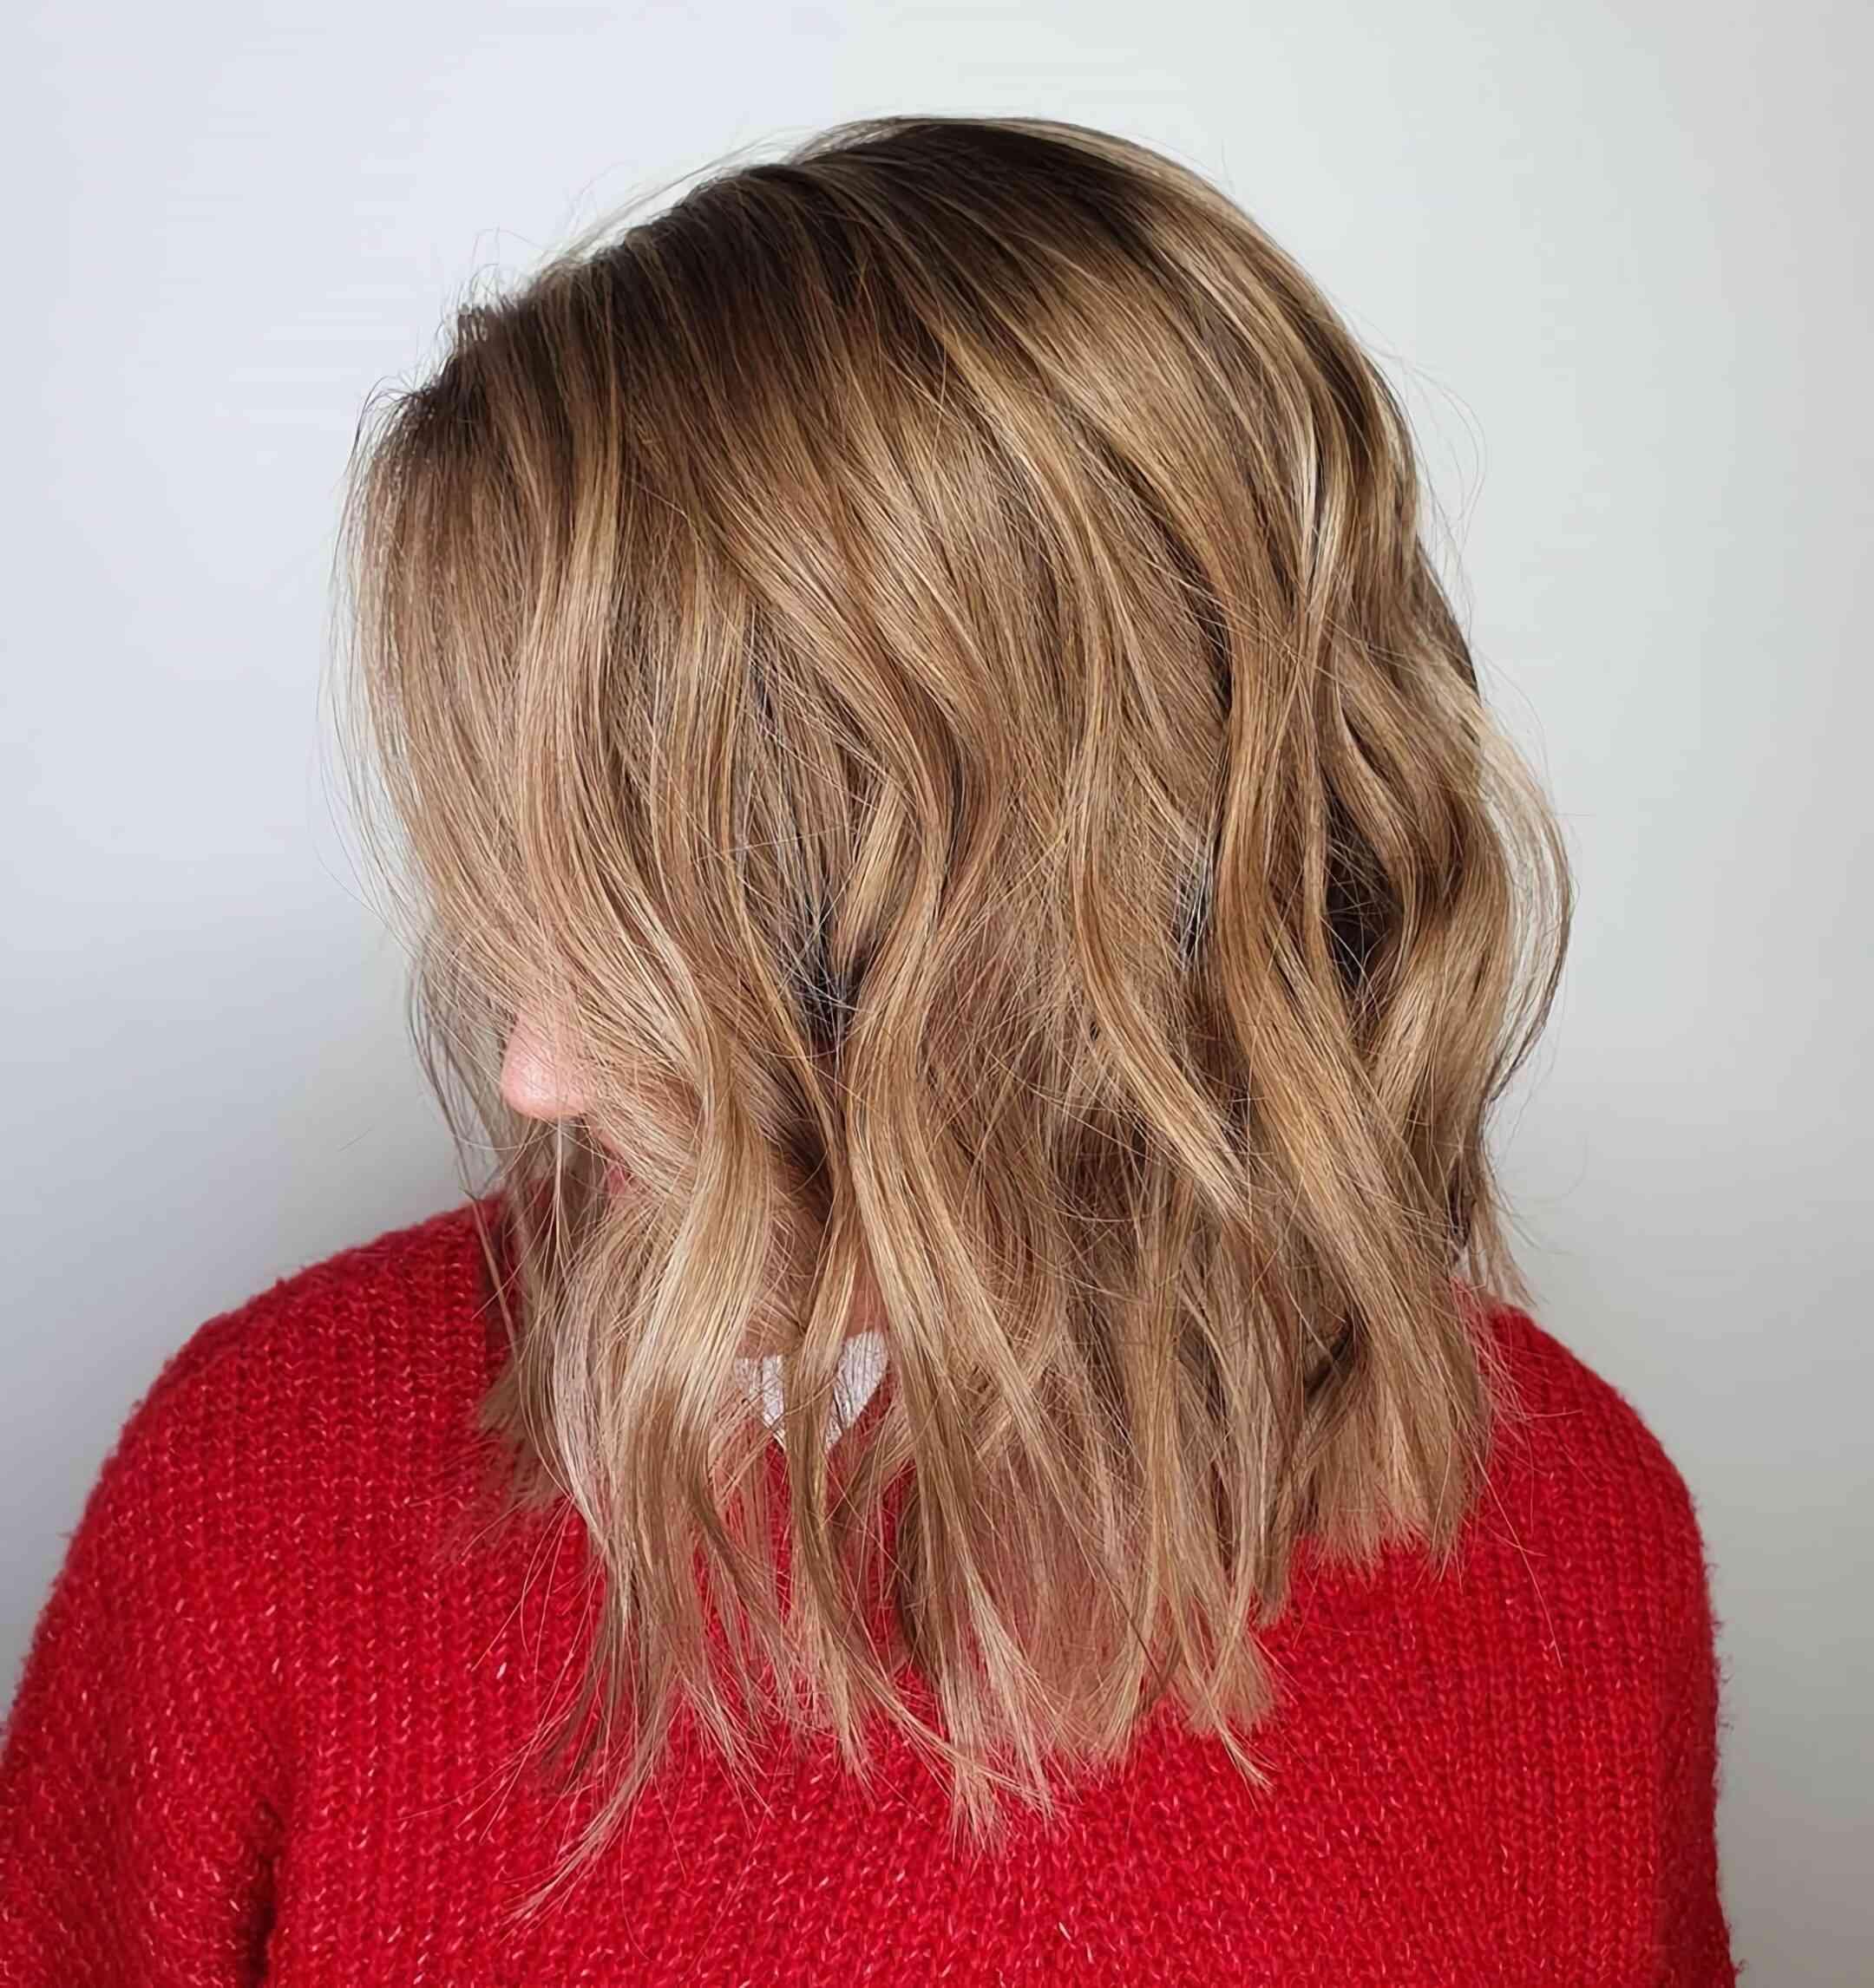 красивый градуированный боб каре на длинные волосы